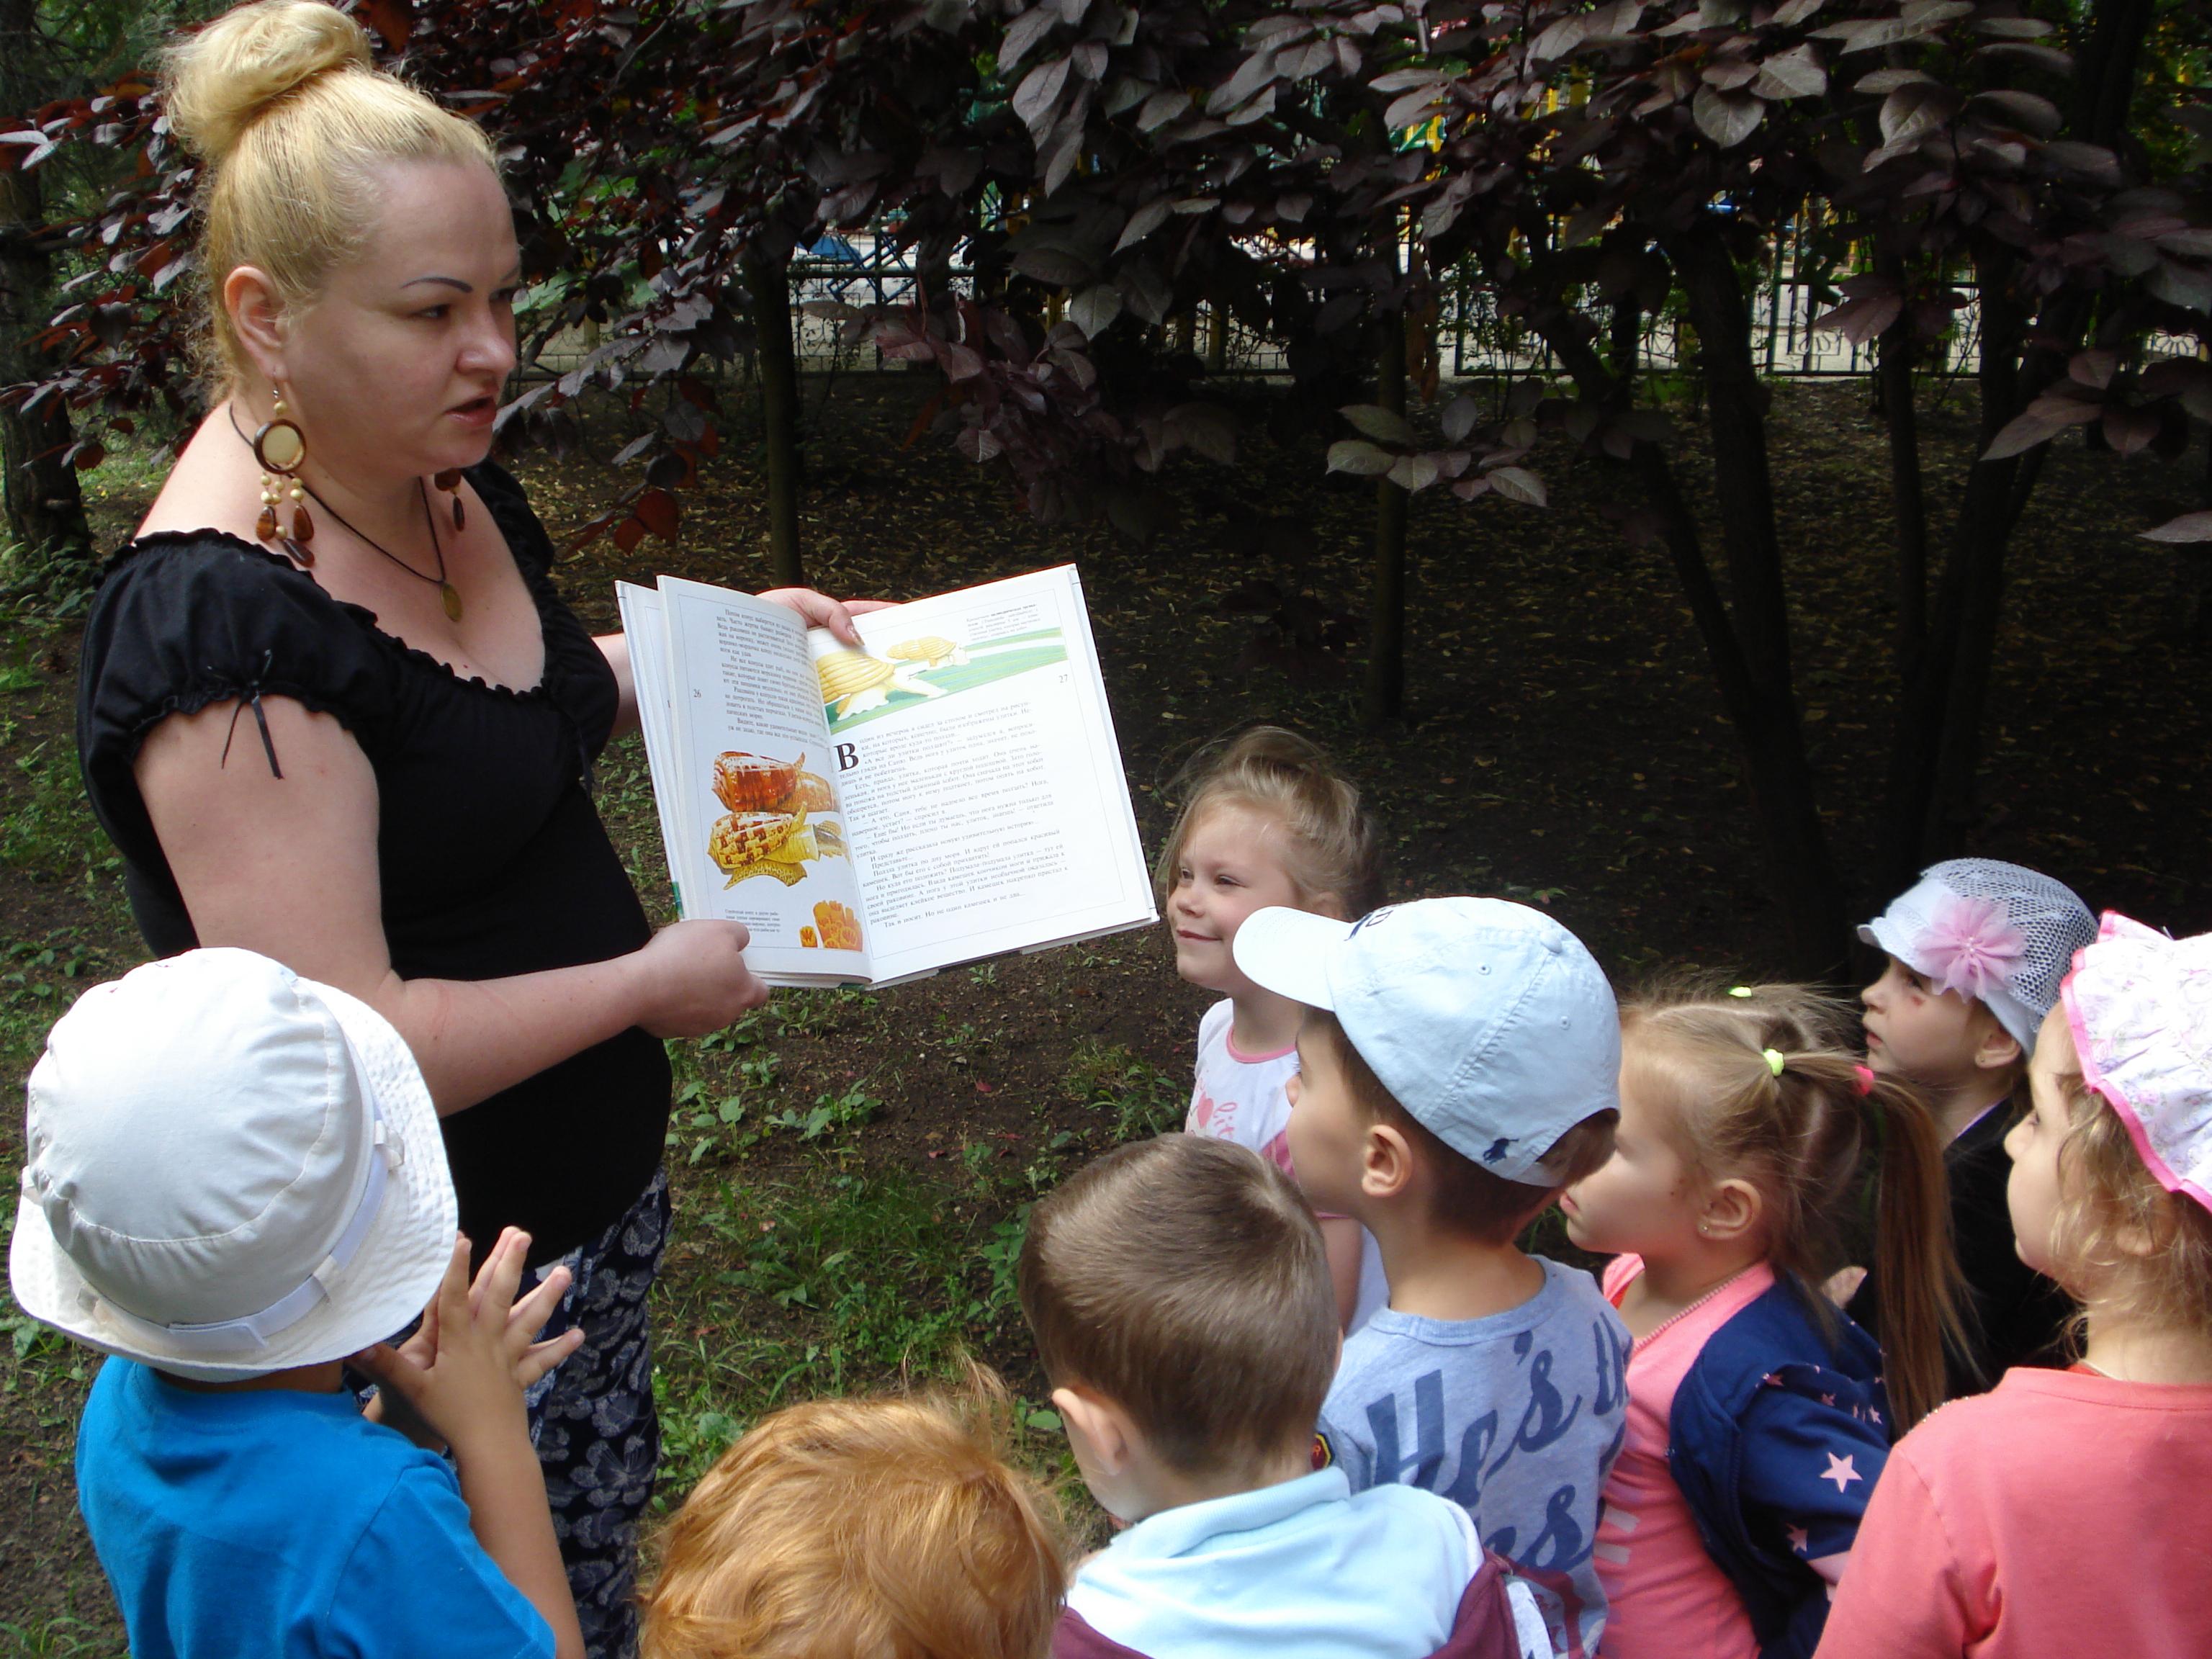 республиканская библиотека для детей, отдел обслуживания дошкольников и учащихся 1-4